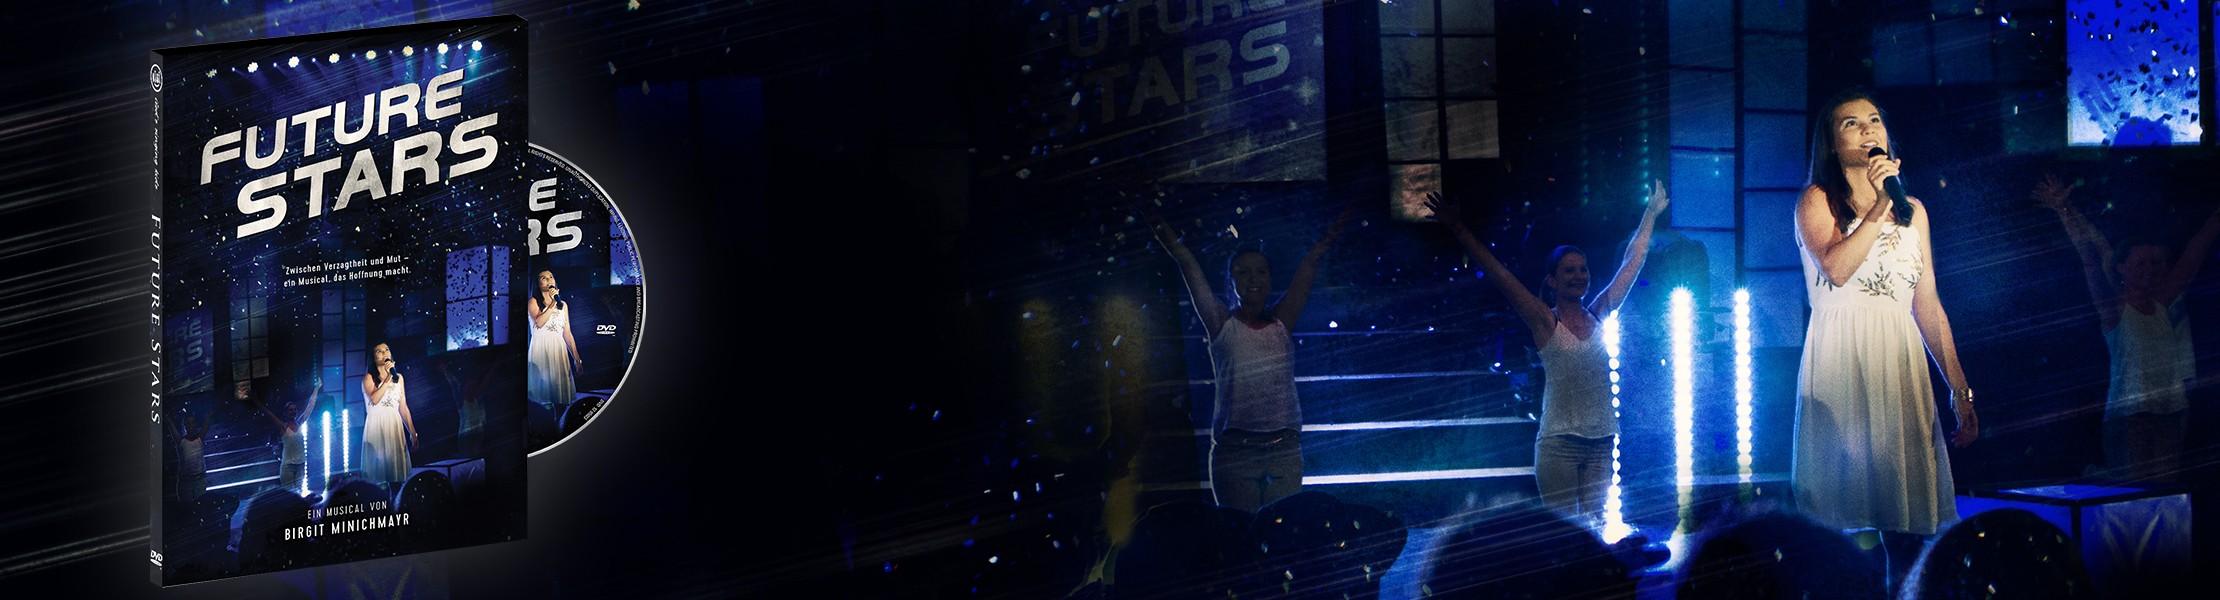 Future Stars  - endlich auf DVD #LichtderHoffnung